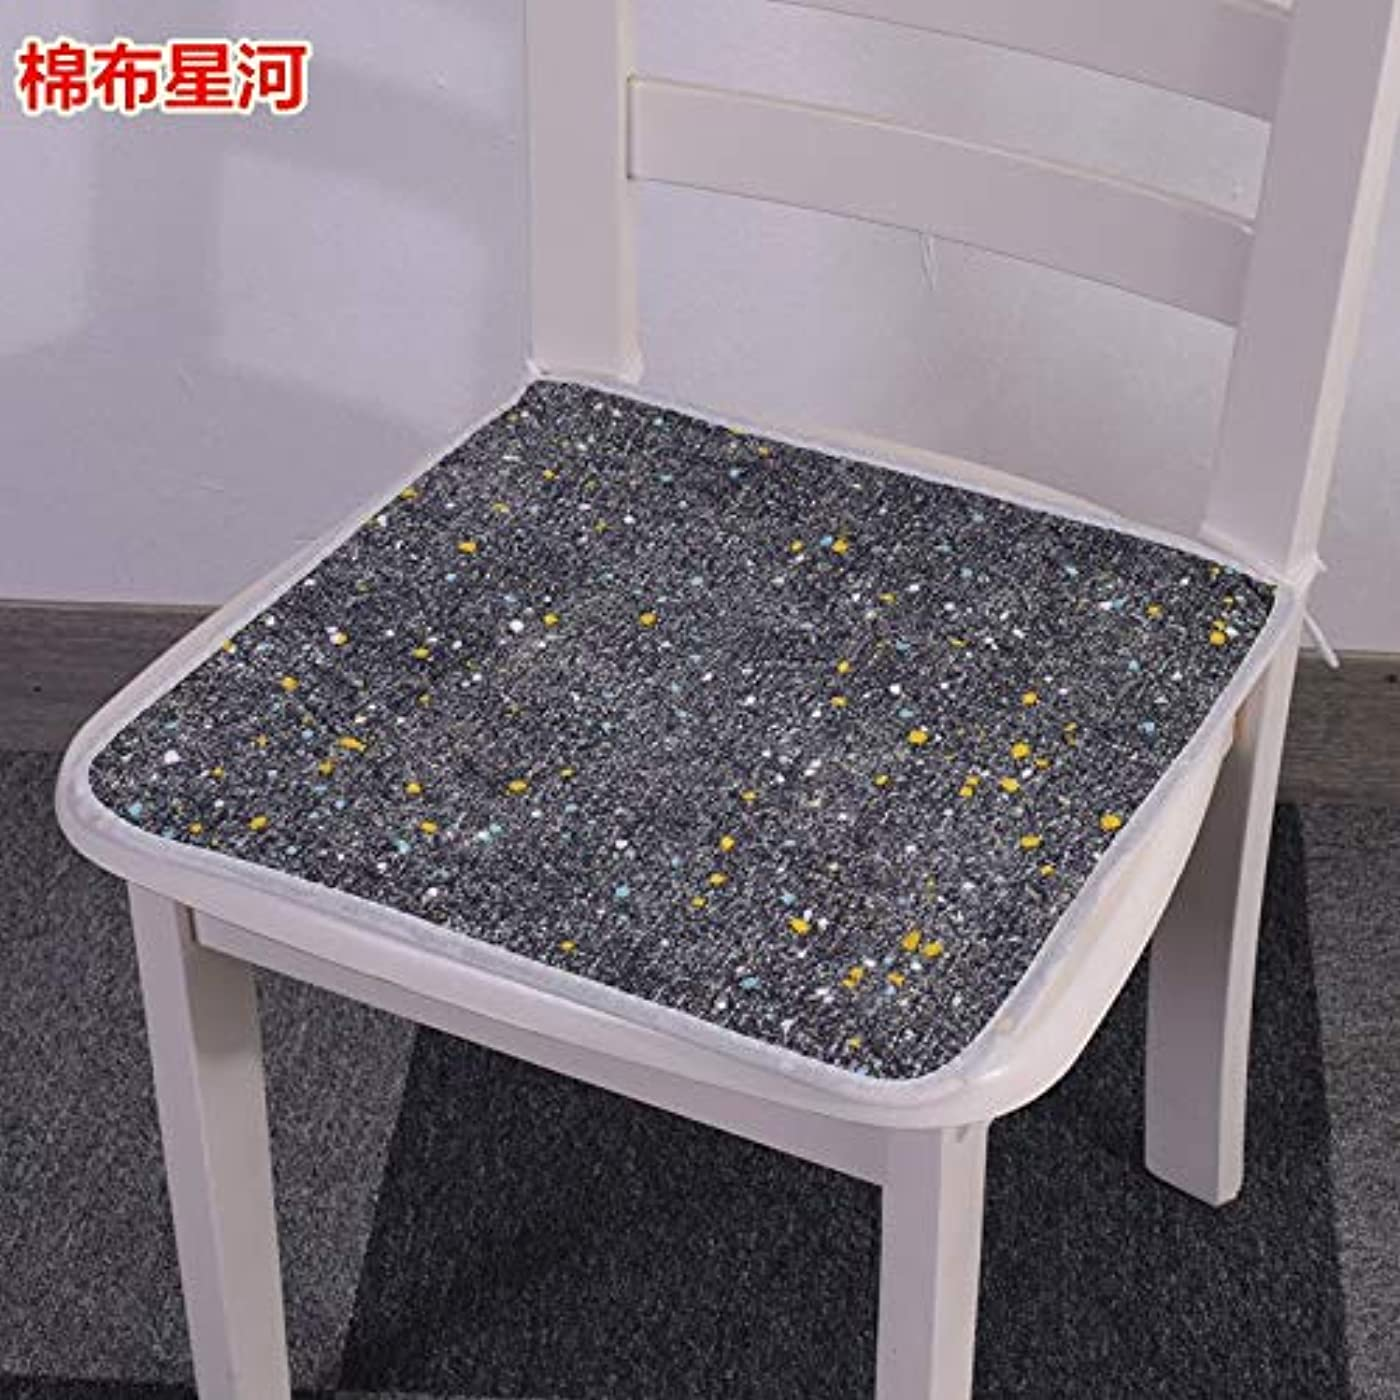 に対してポケット充電LIFE 現代スーパーソフト椅子クッション非スリップシートクッションマットソファホームデコレーションバッククッションチェアパッド 40*40/45*45/50*50 センチメートル クッション 椅子